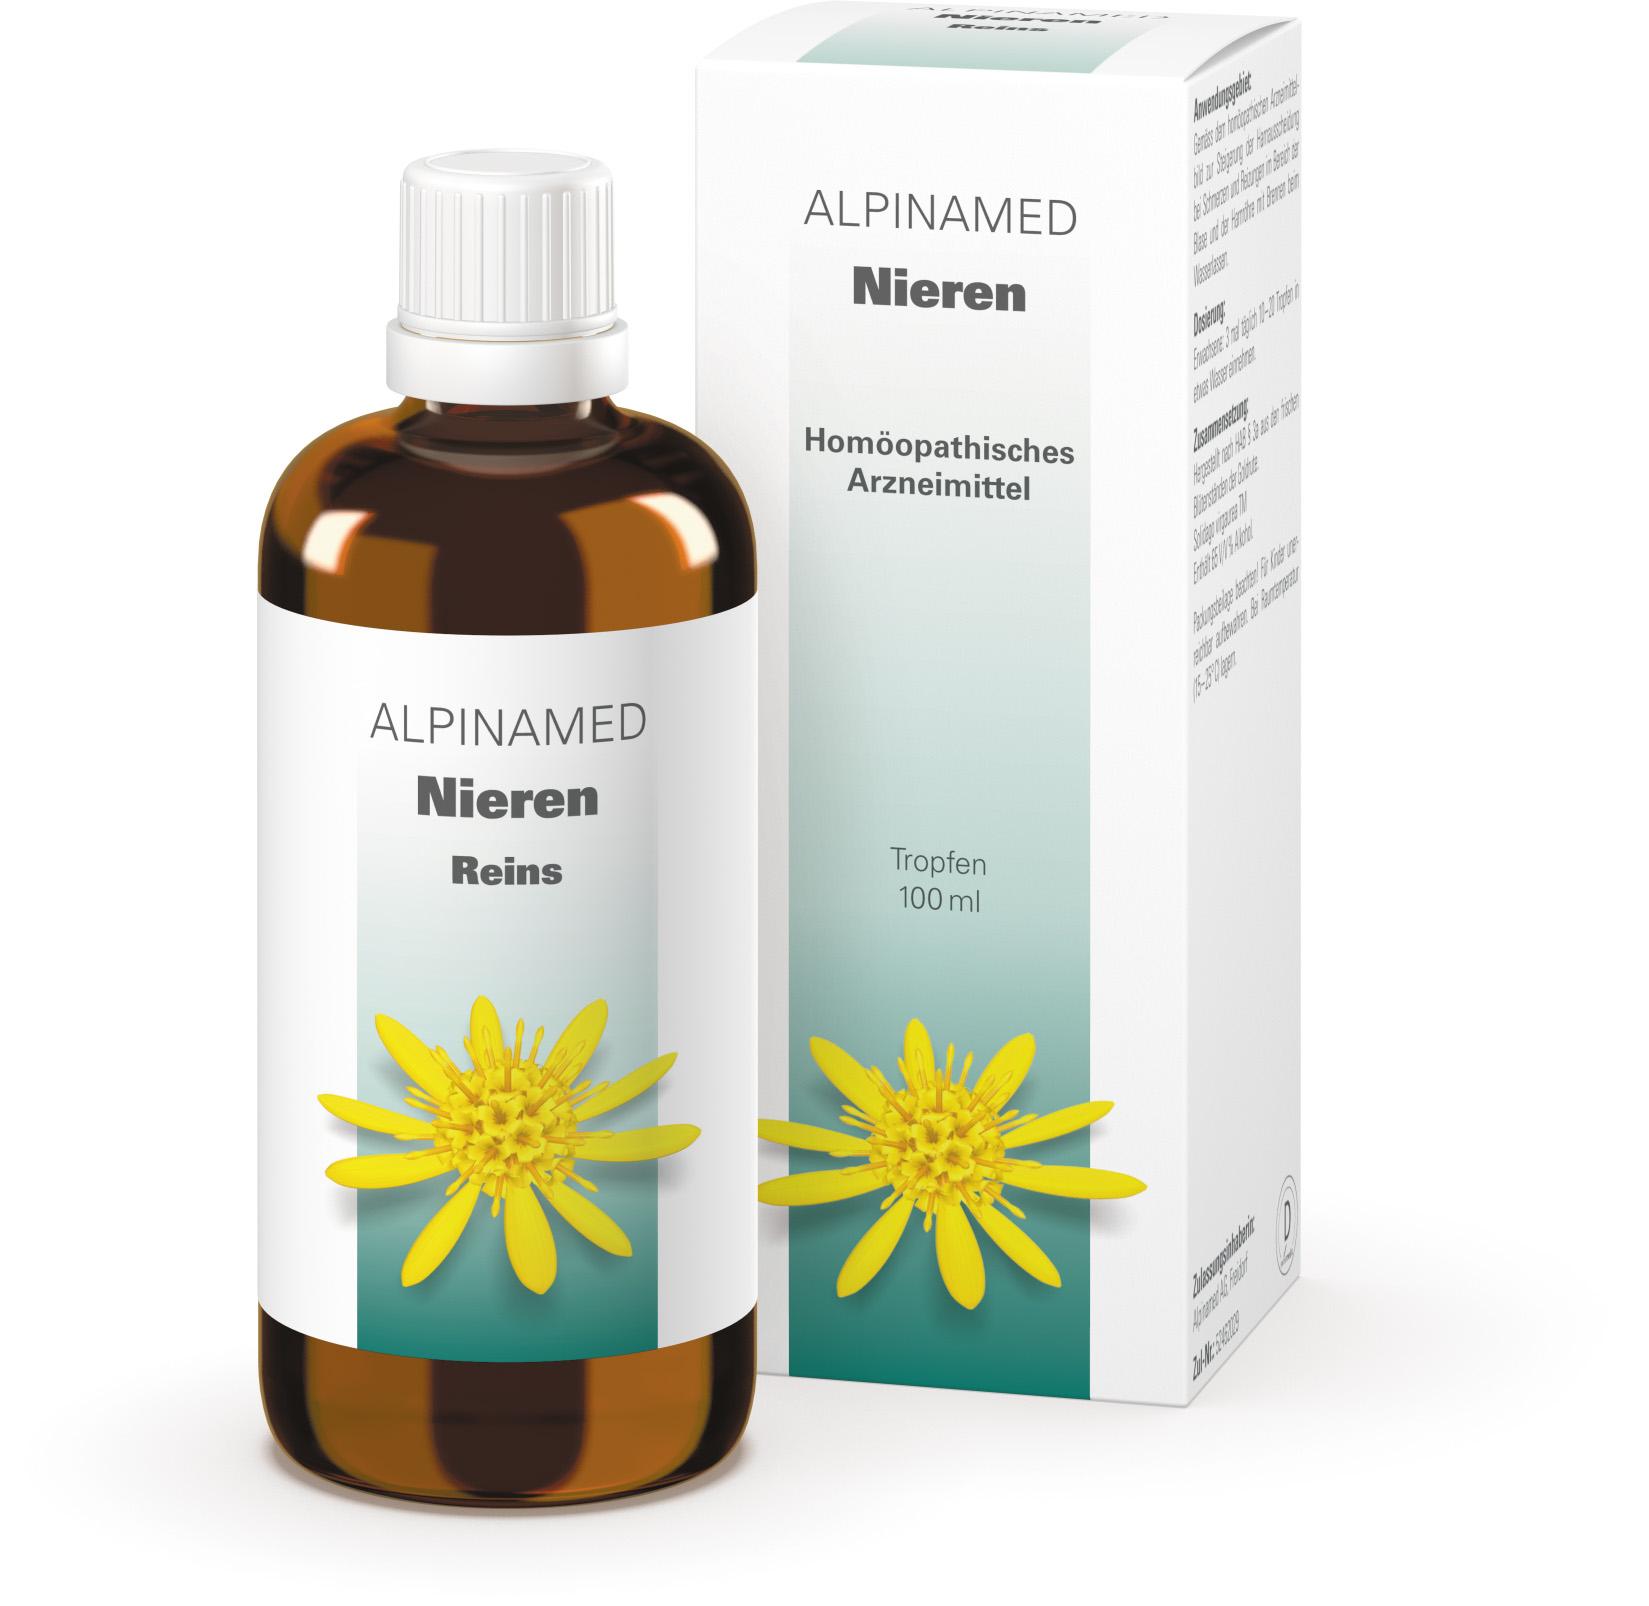 Nieren Tropfen: Alpinamed AG - natürlich gesund